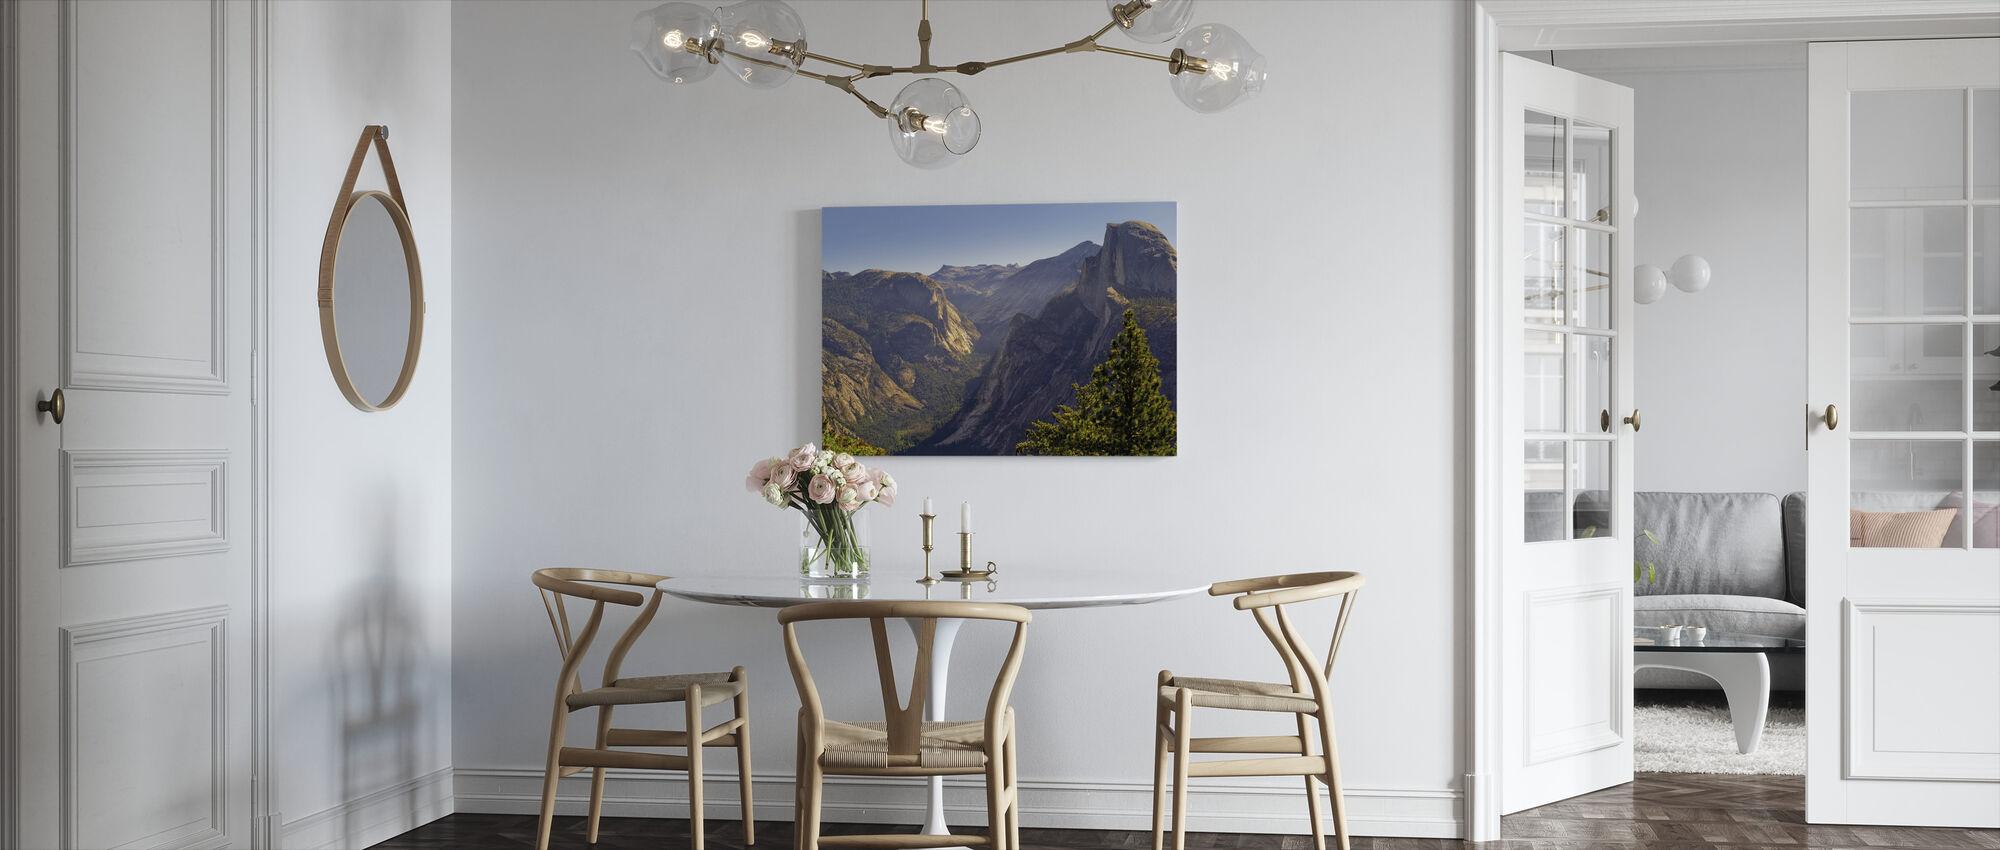 Utsikt over Tenaya Canyon - Lerretsbilde - Kjøkken